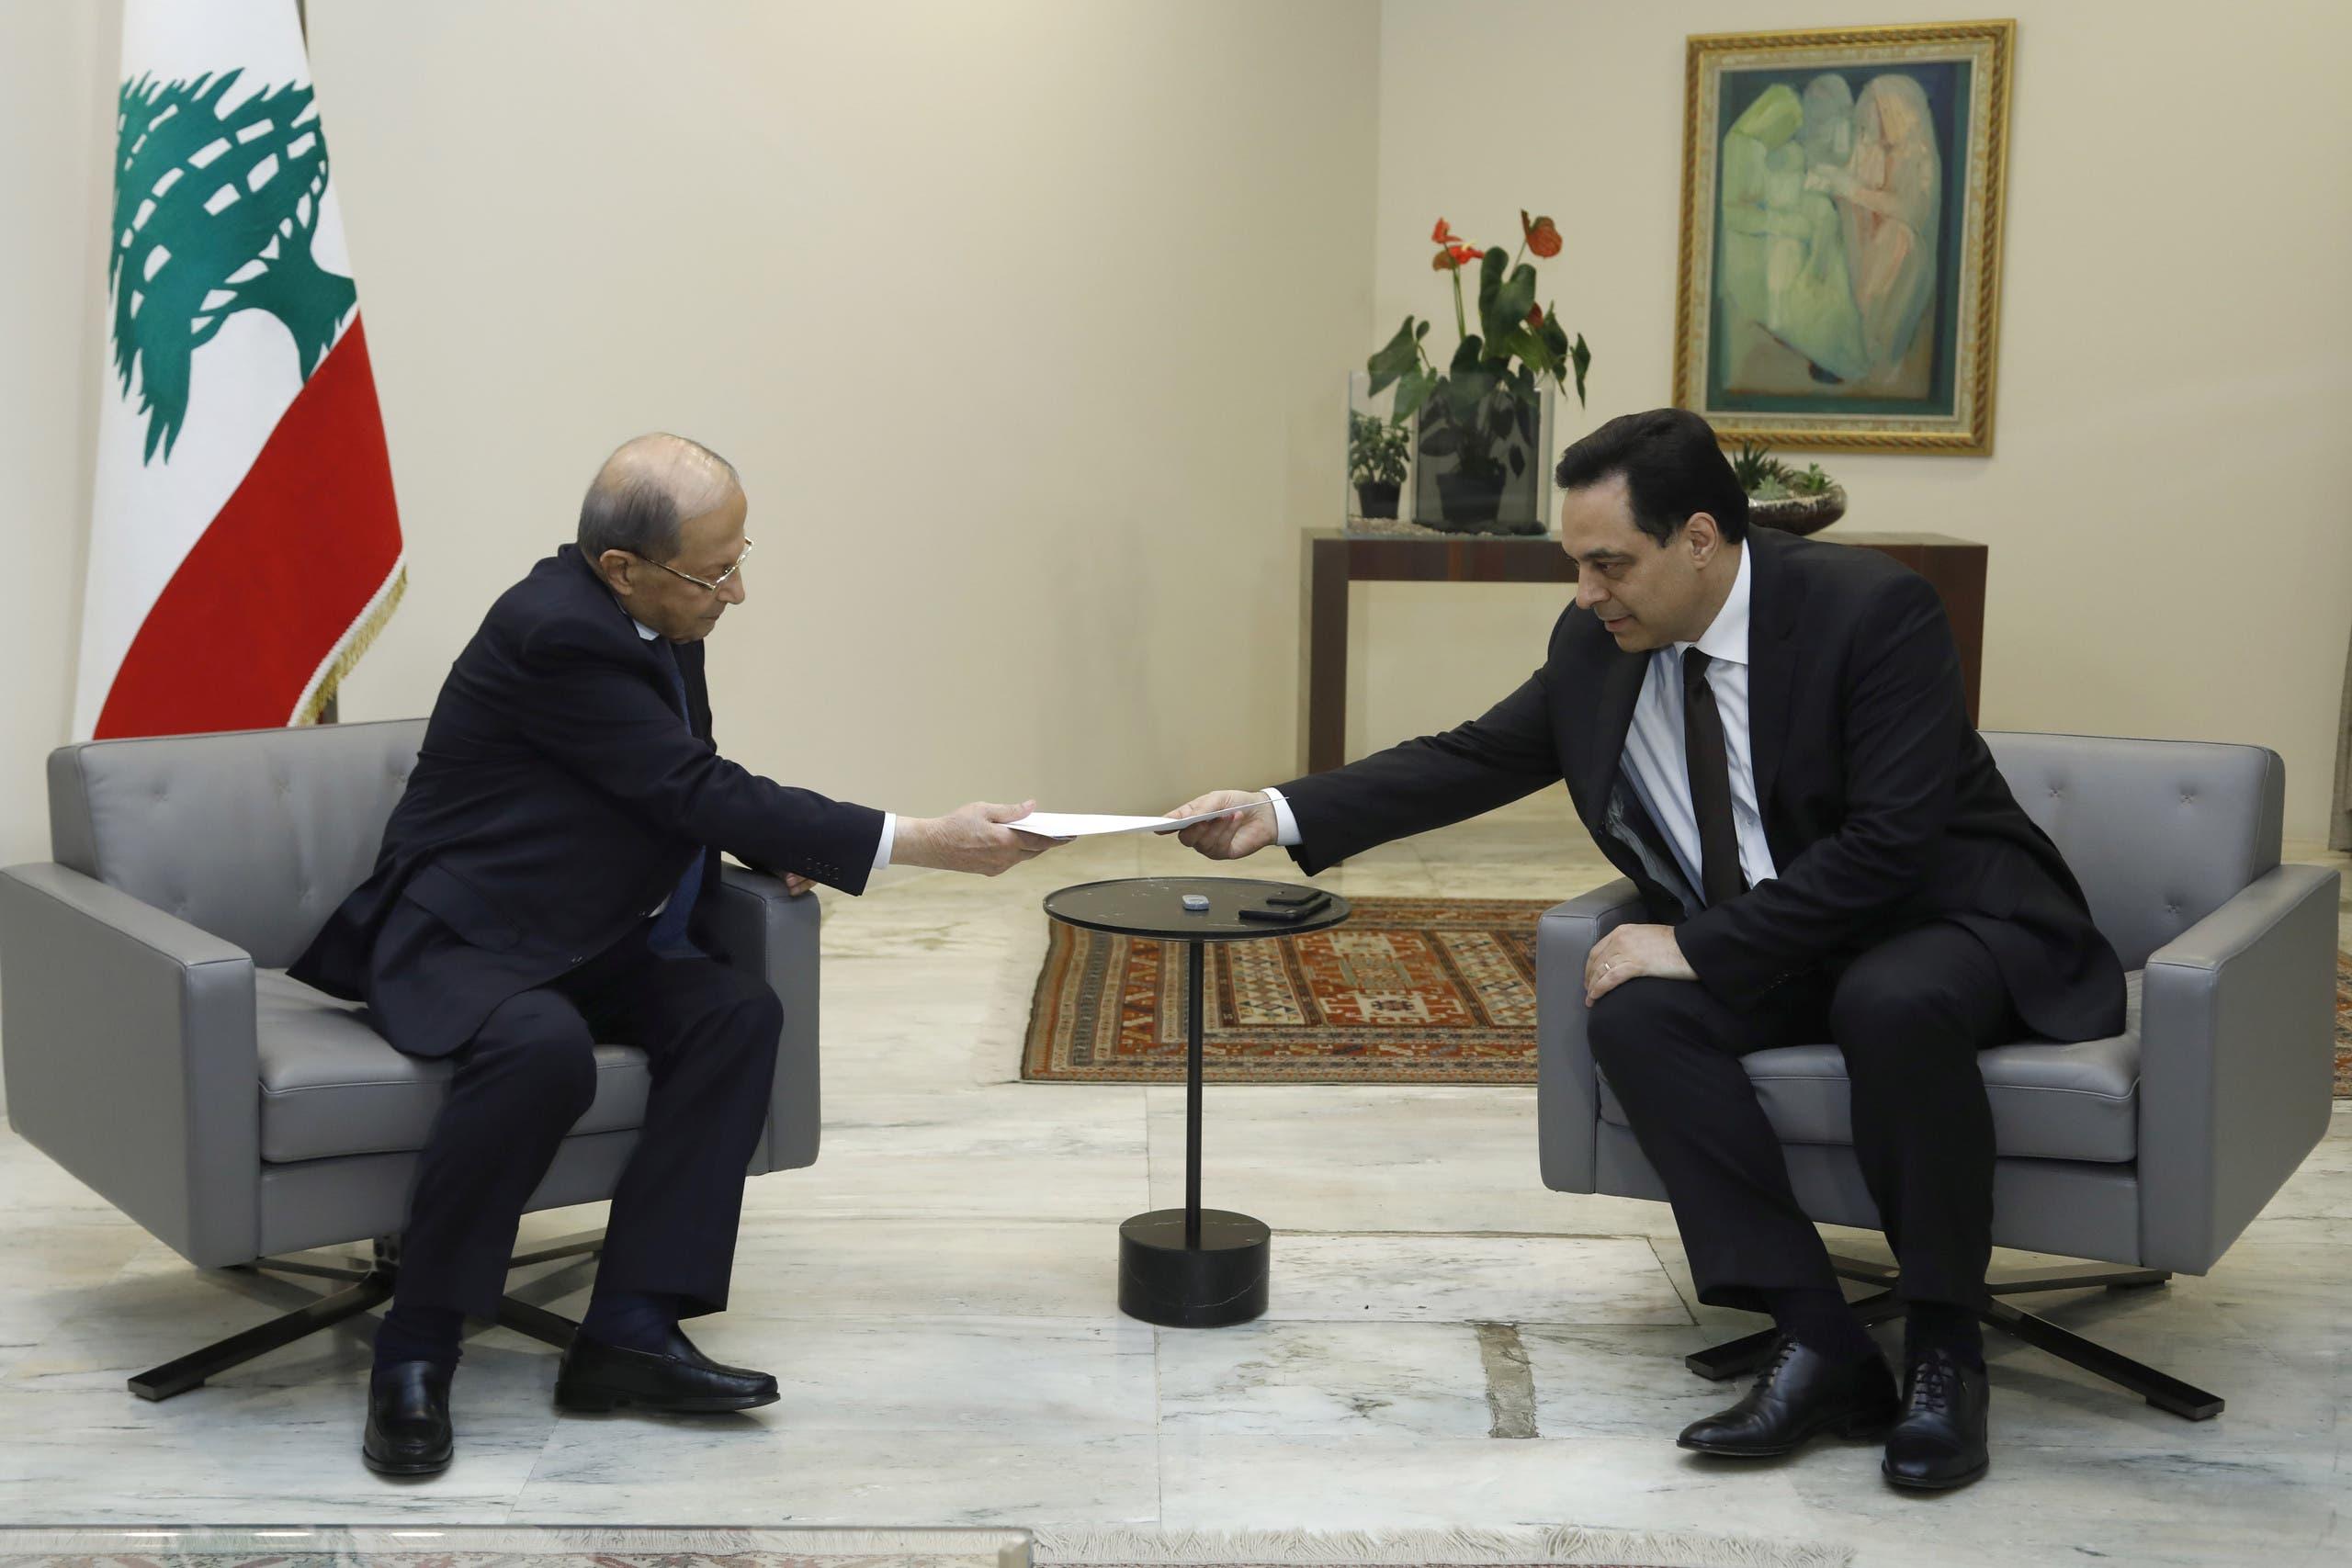 حسان دياب يقدم استقالته للرئيس ميشيل عون